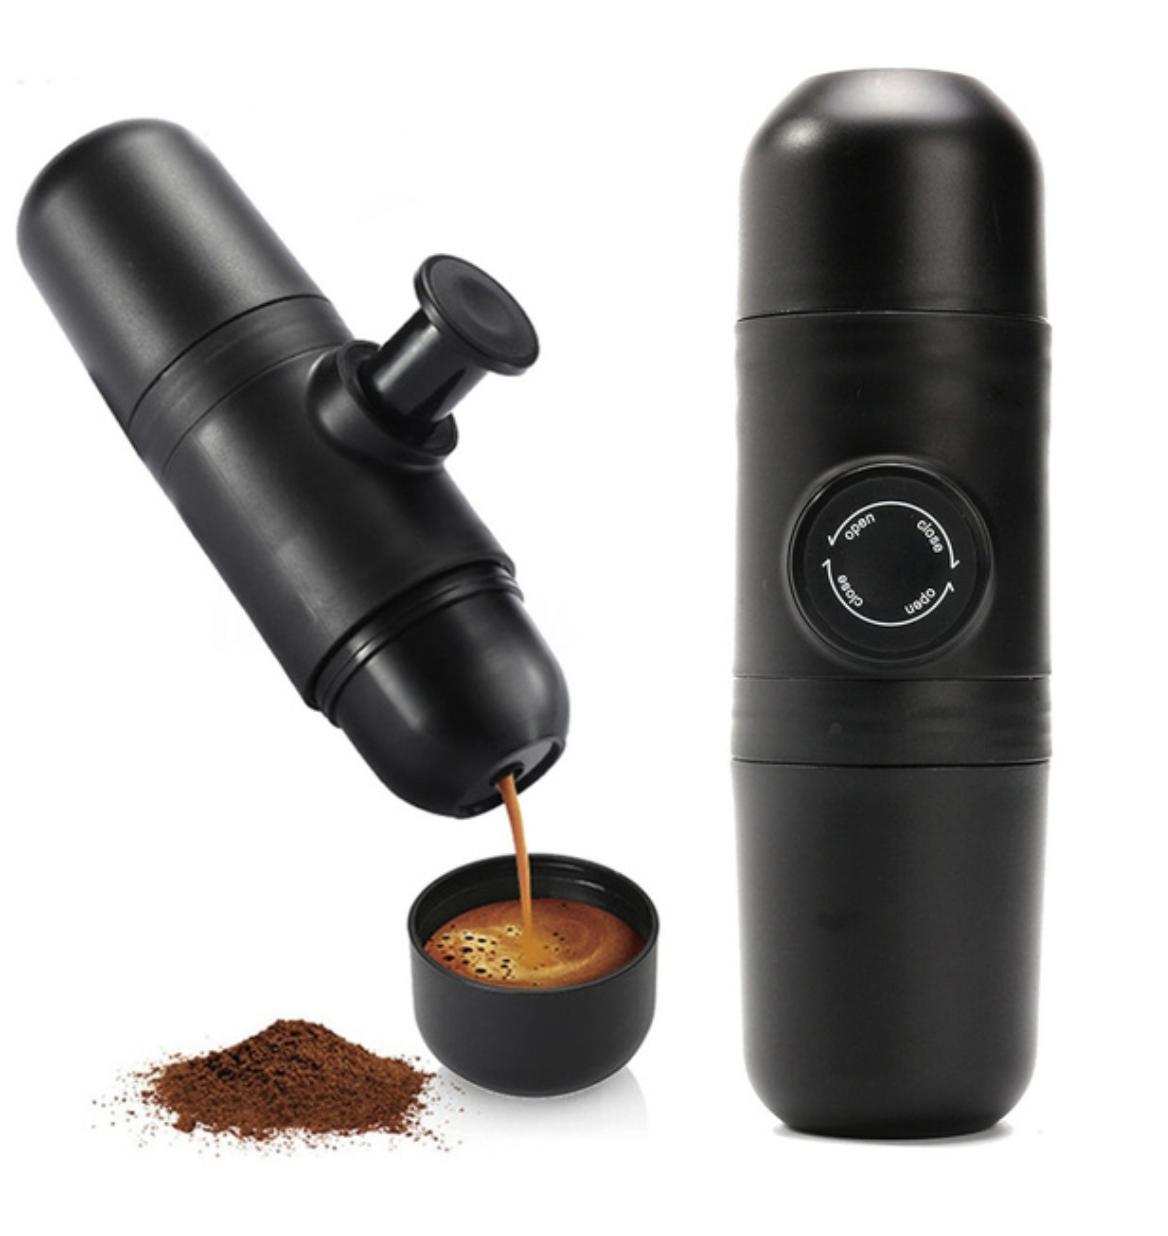 Coffee And Espresso portable maker